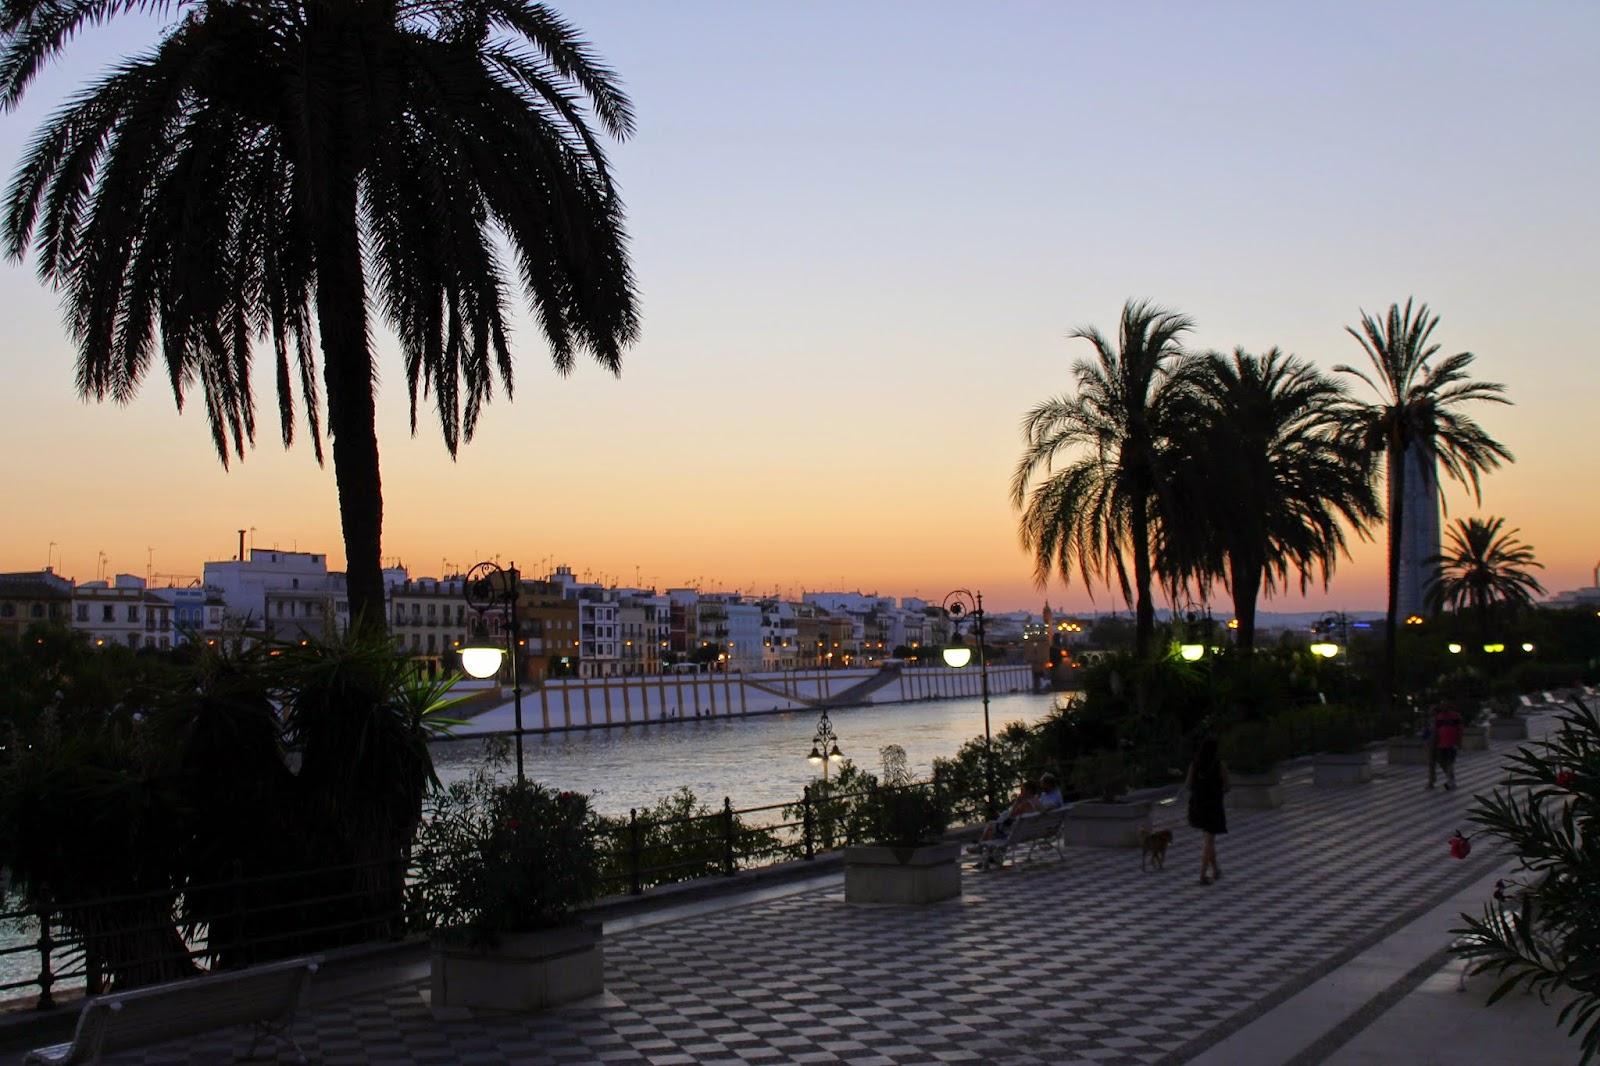 the Guadalquivir